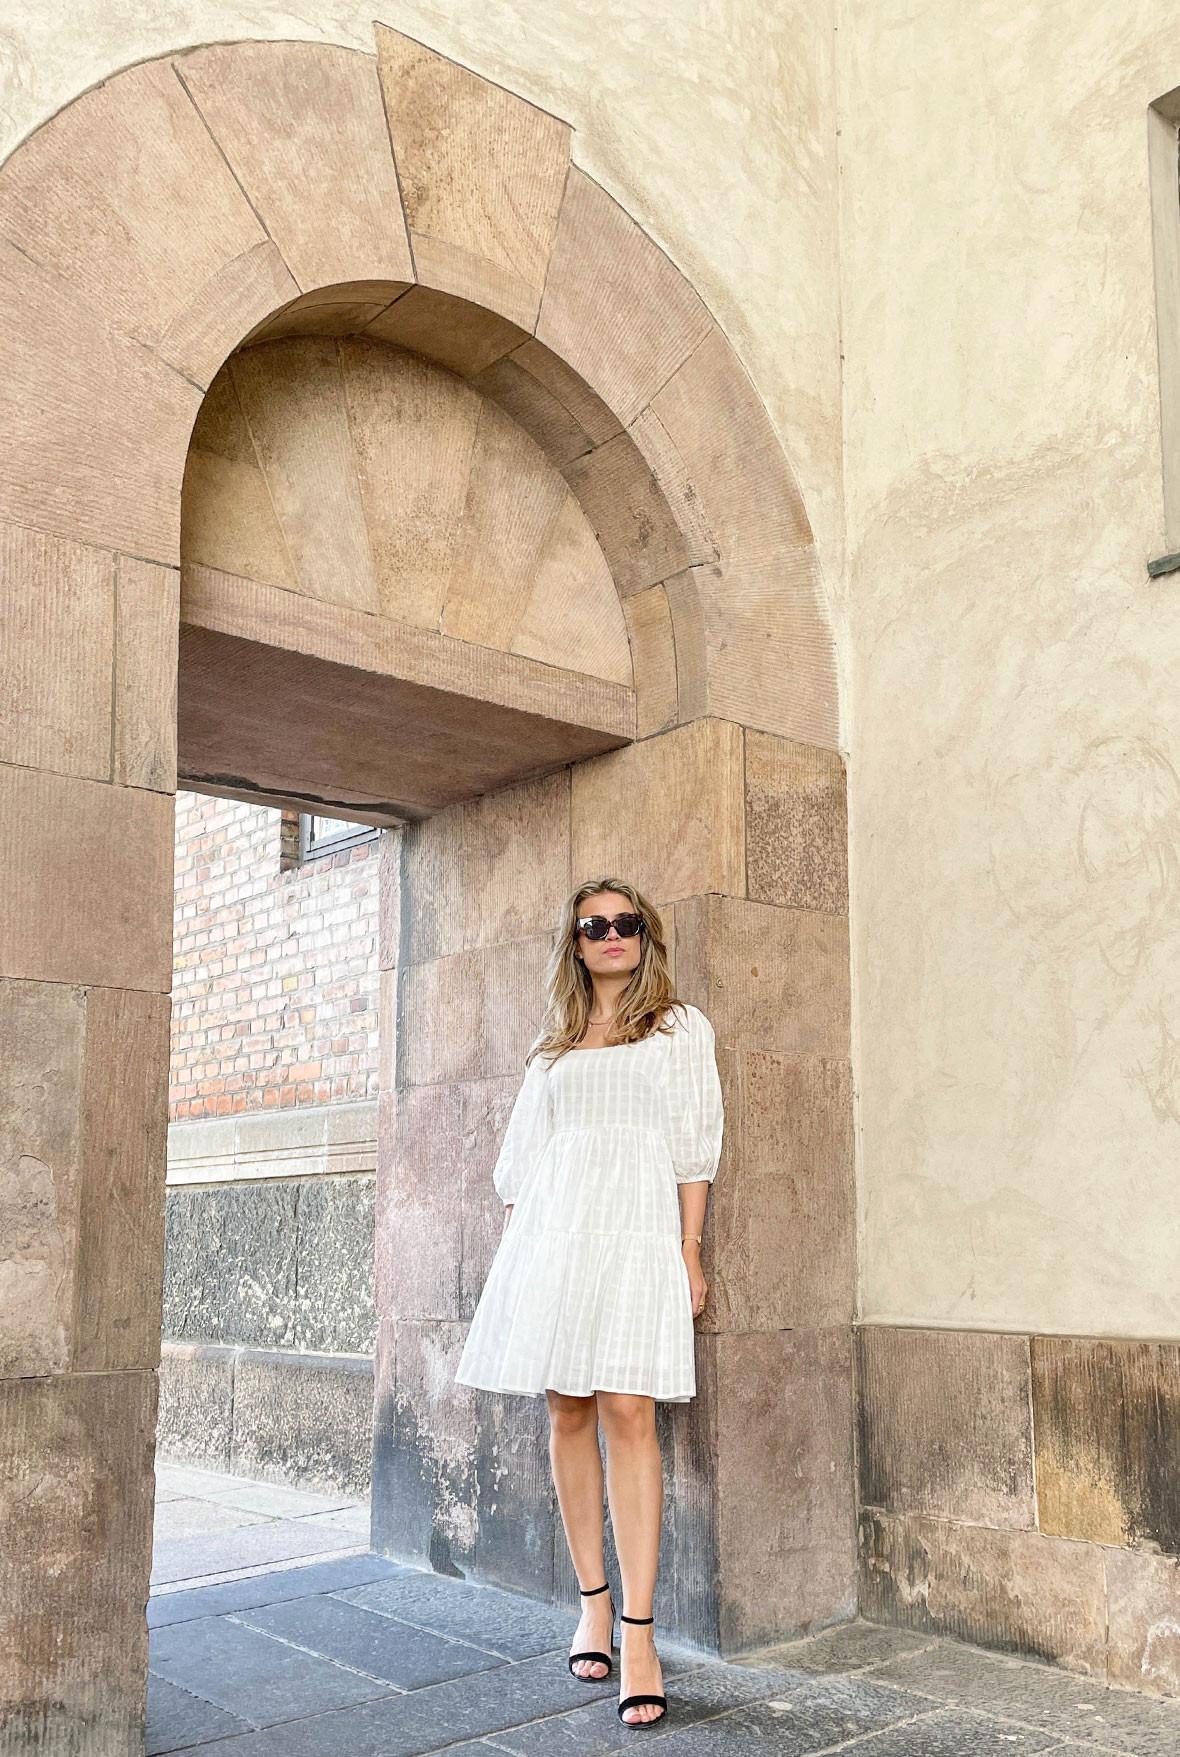 hvide-sommerkjoler-blog.jpg